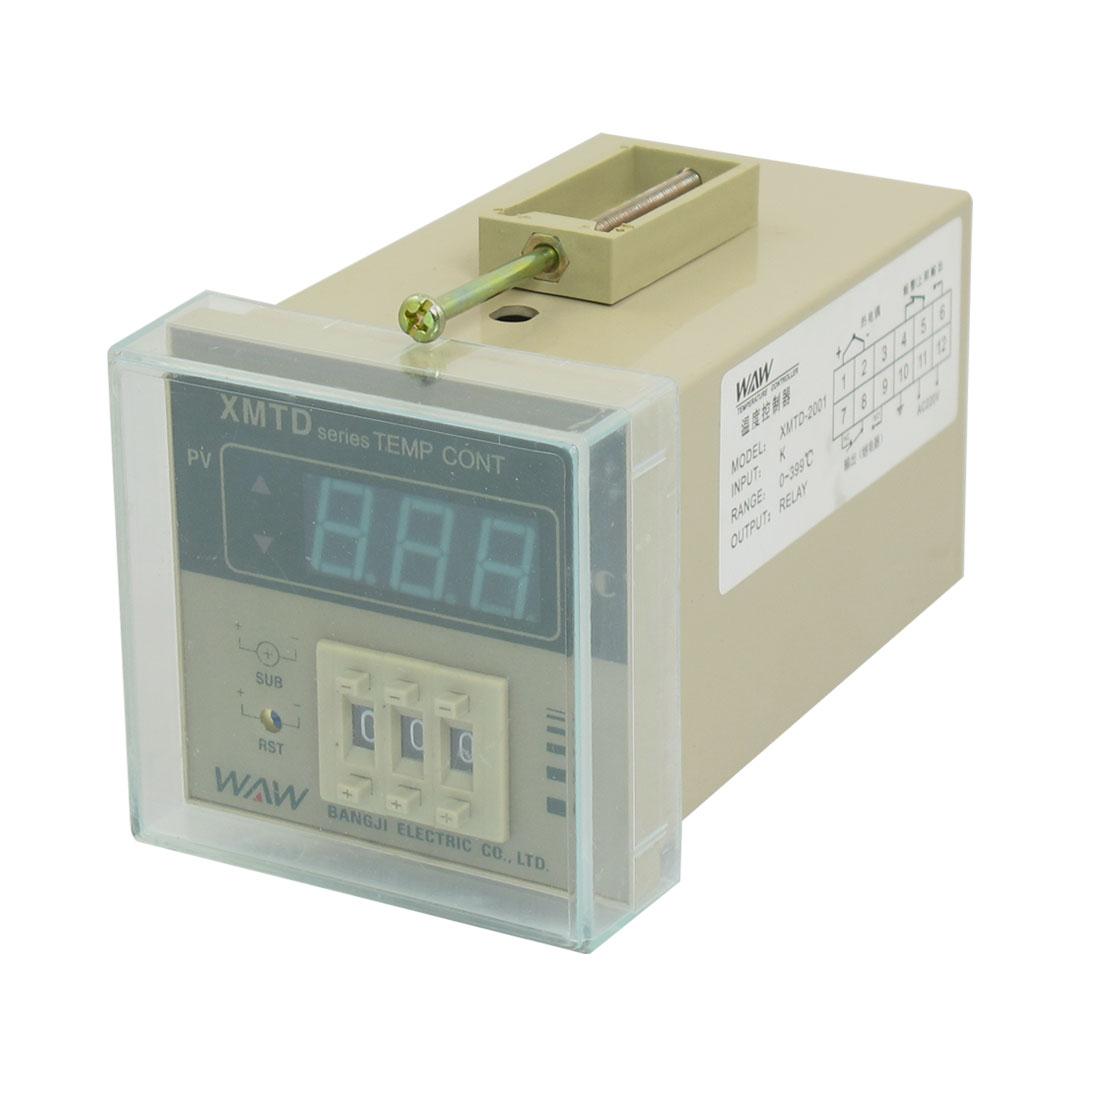 AC 220V 2W Screw Terminal PV Digital Temperature Controller 0-399C